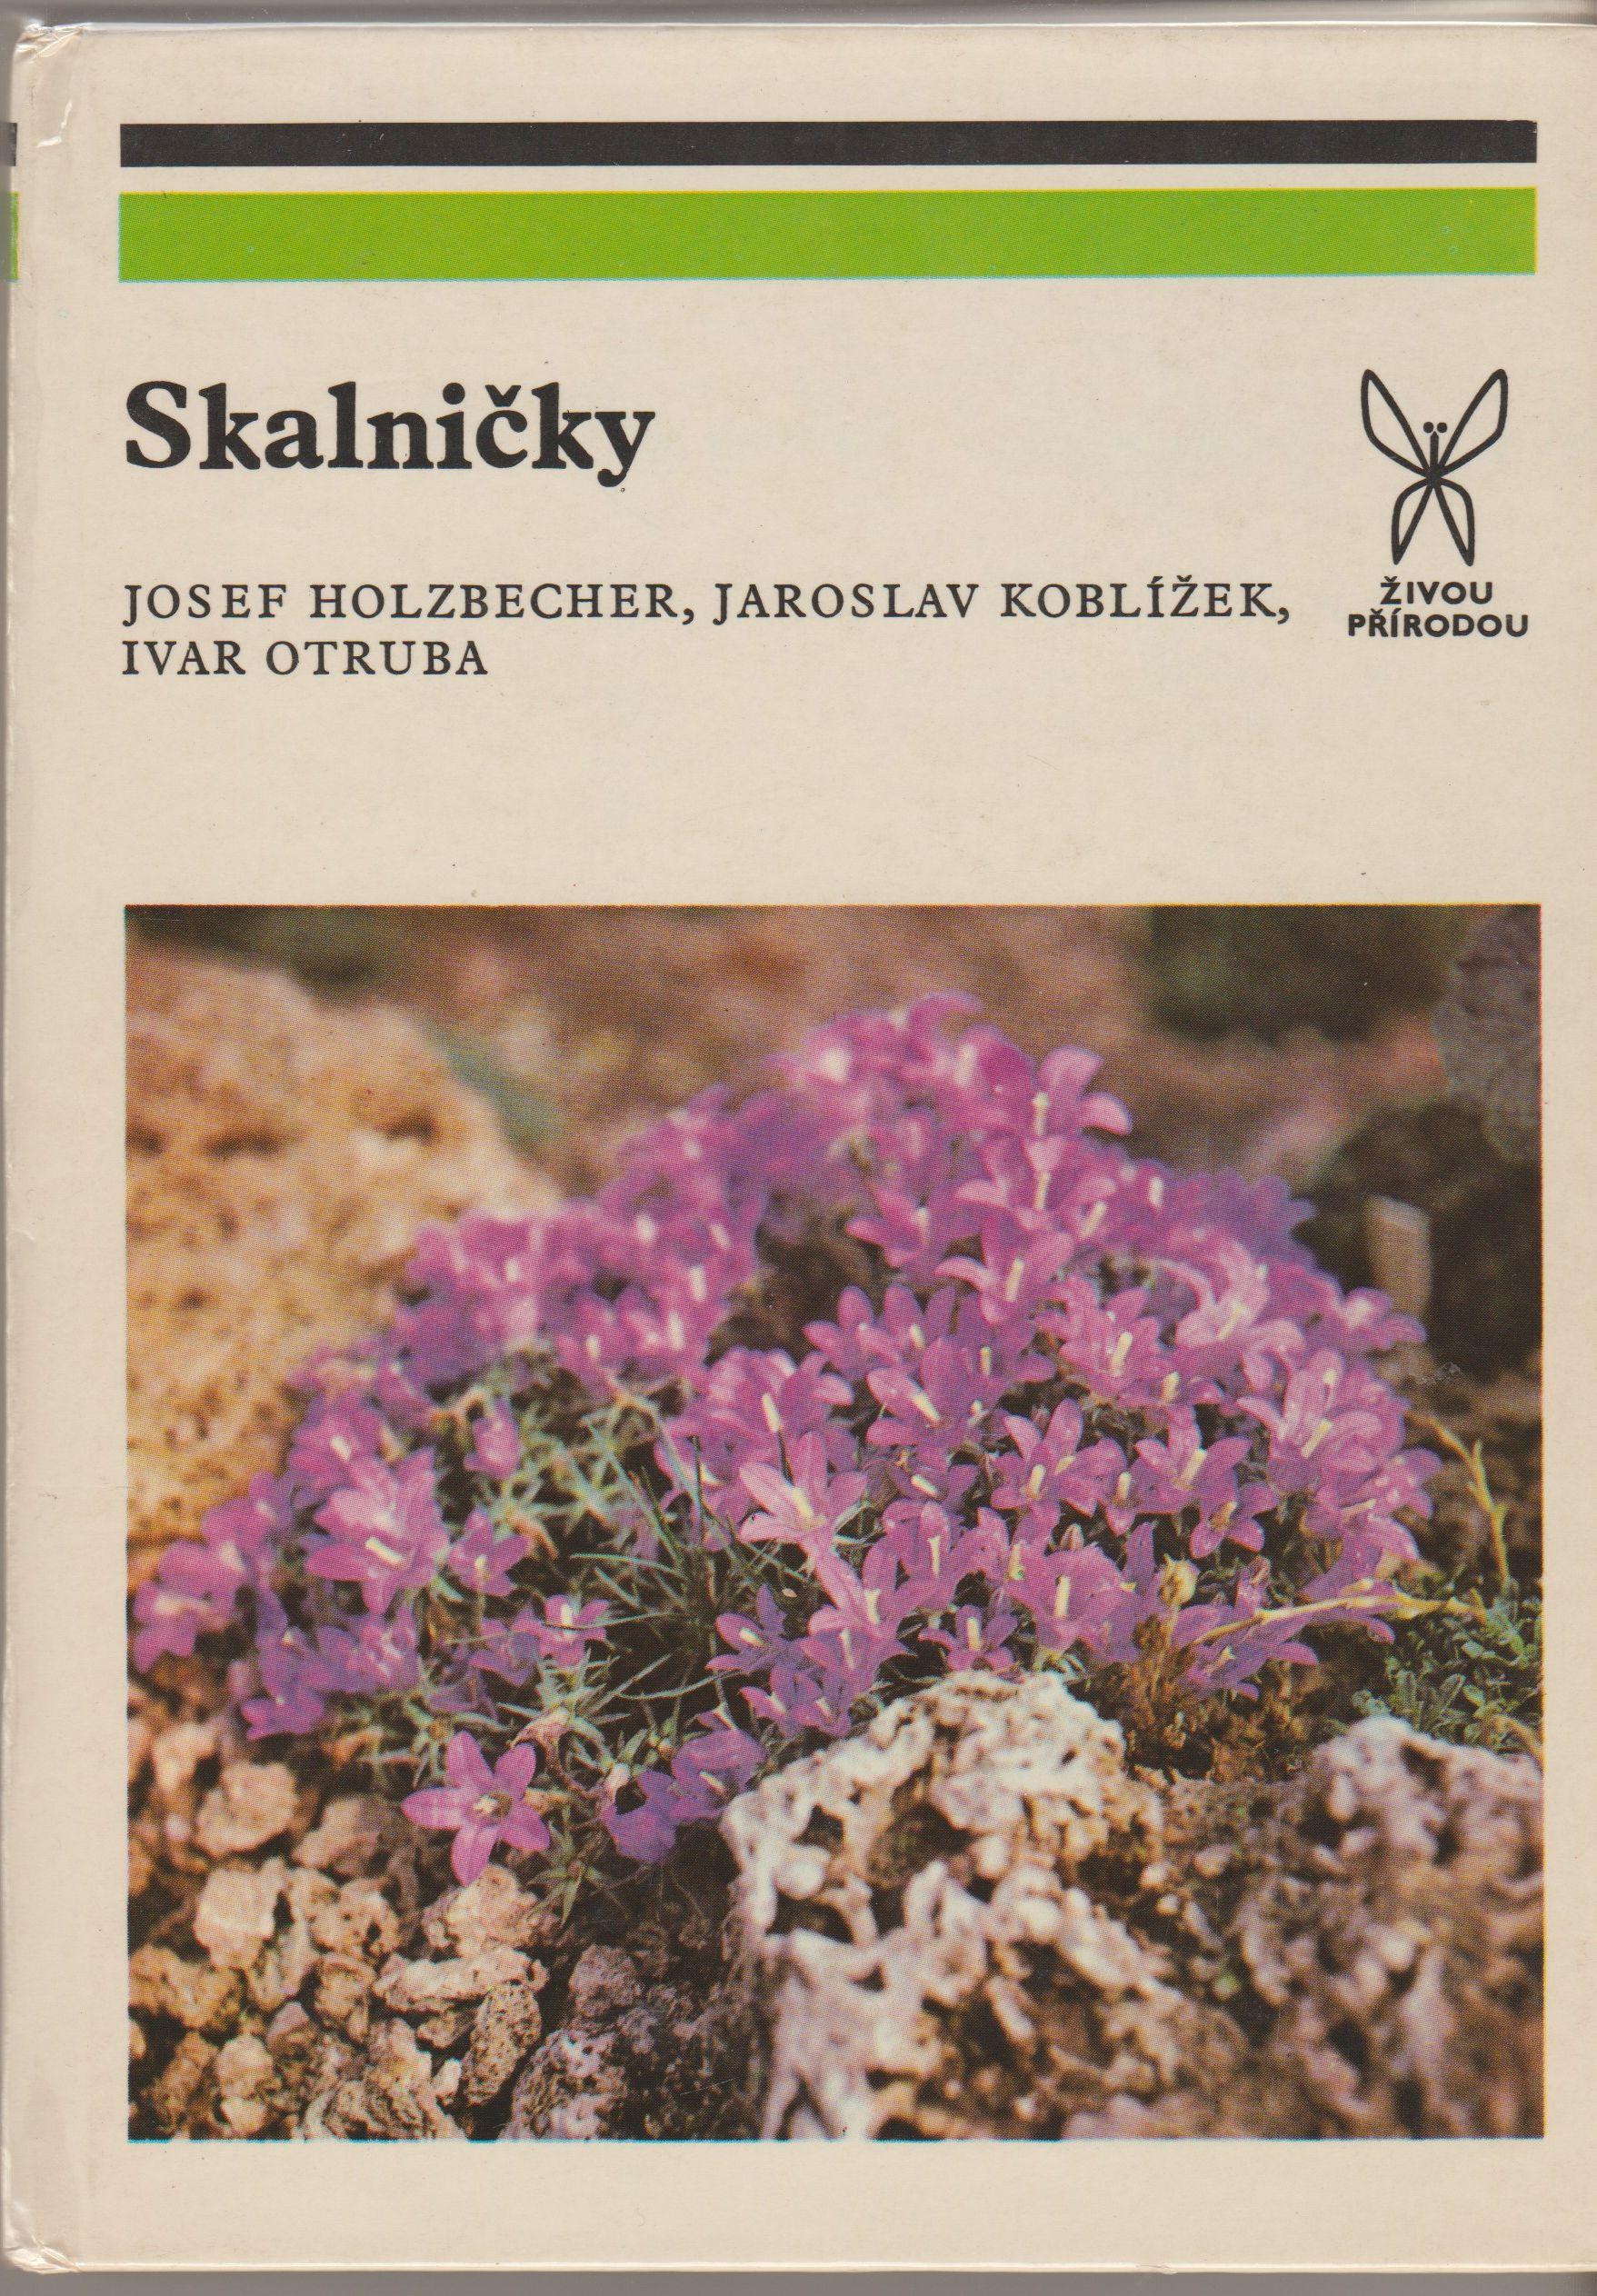 Skalničky - J. Holzbecher, J. Koblížek, I. Otruba